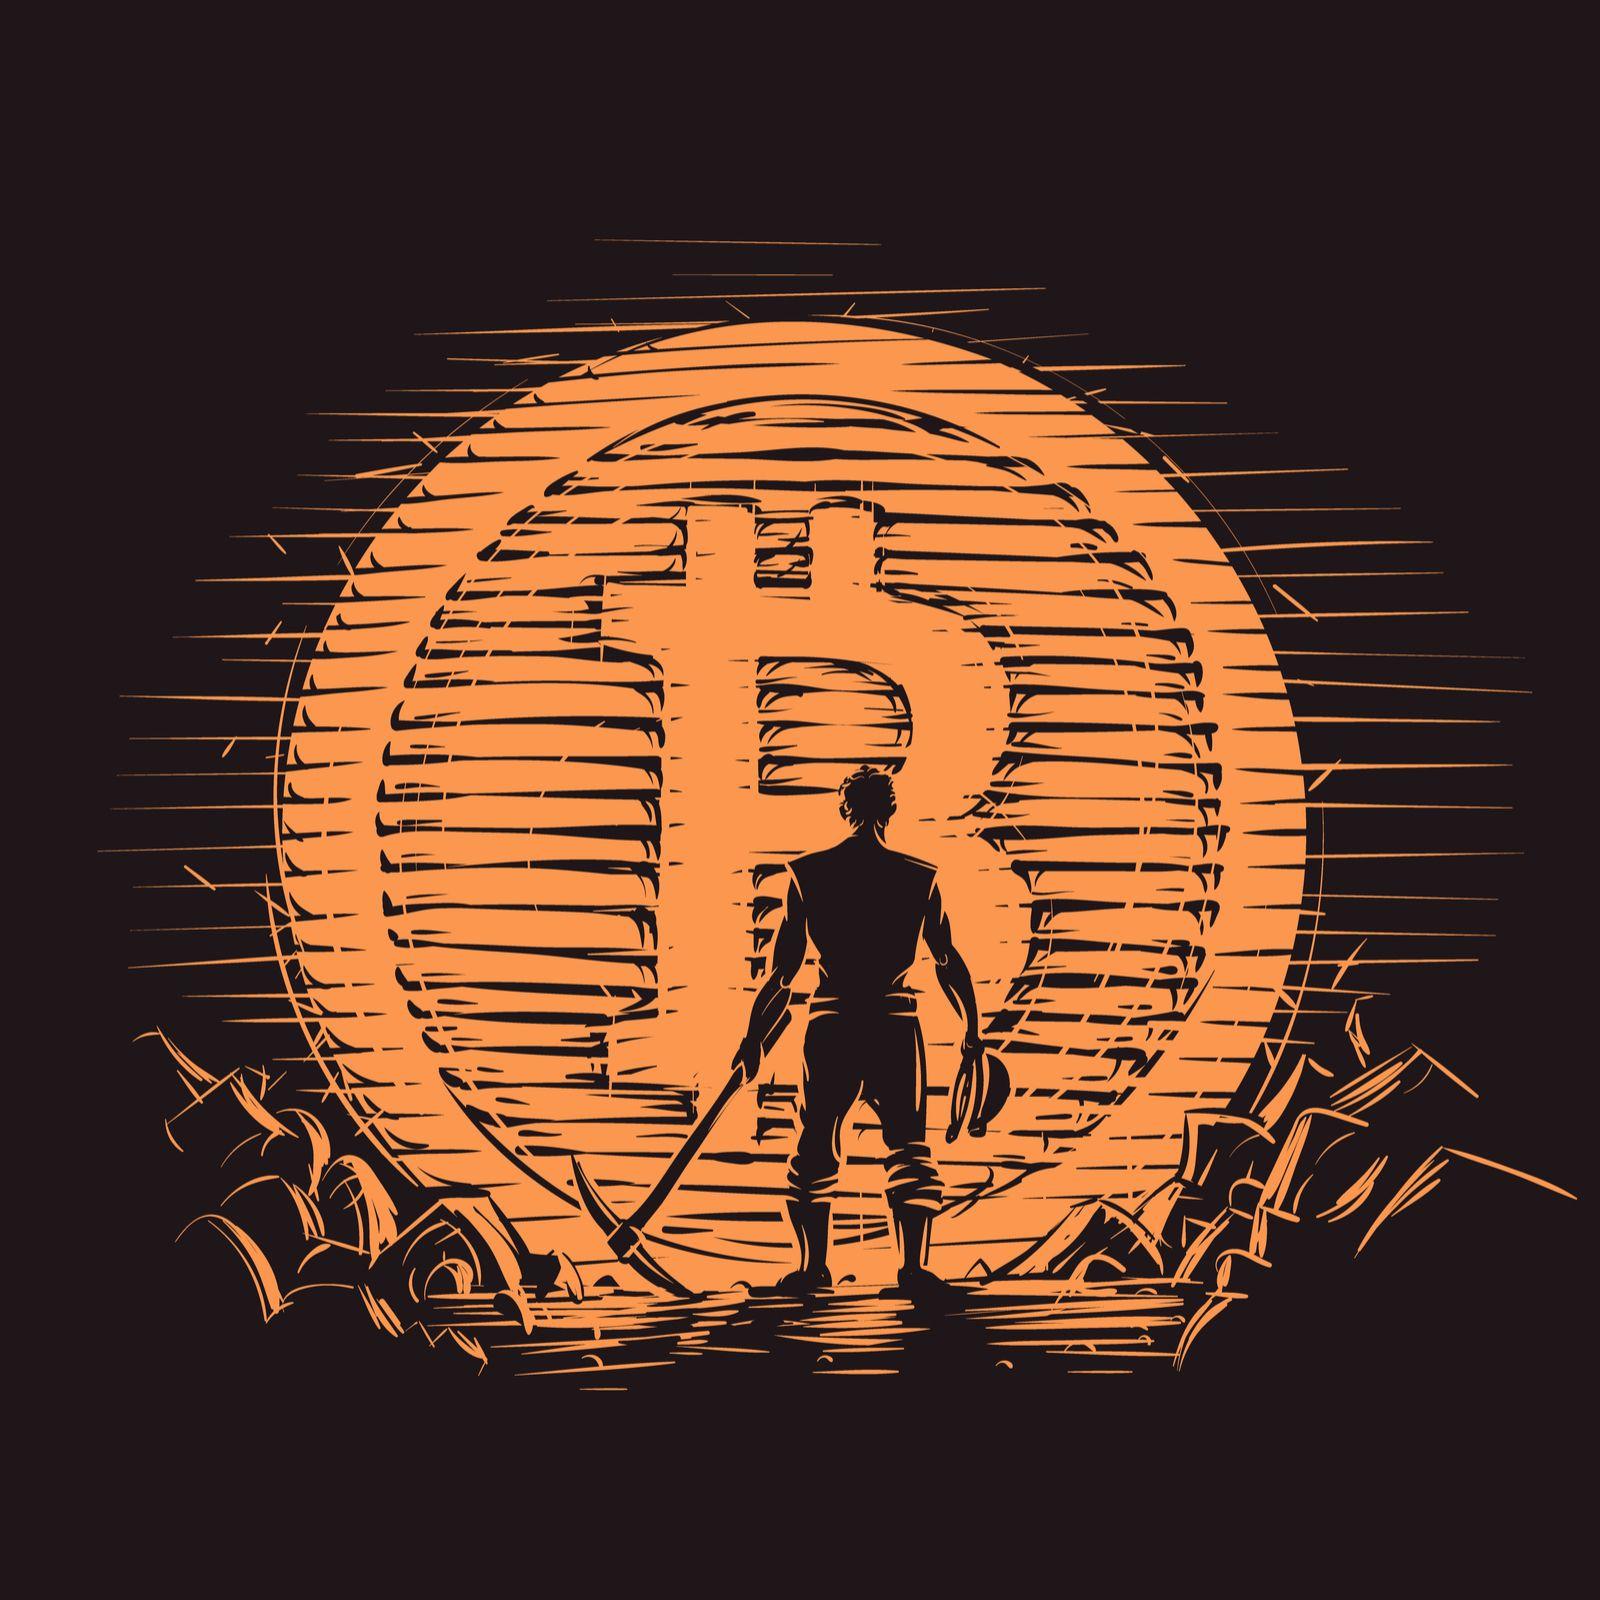 Cele mai bune 5 mineri USB Bitcoin 2021 – Recenzii și ghid de cumpărare